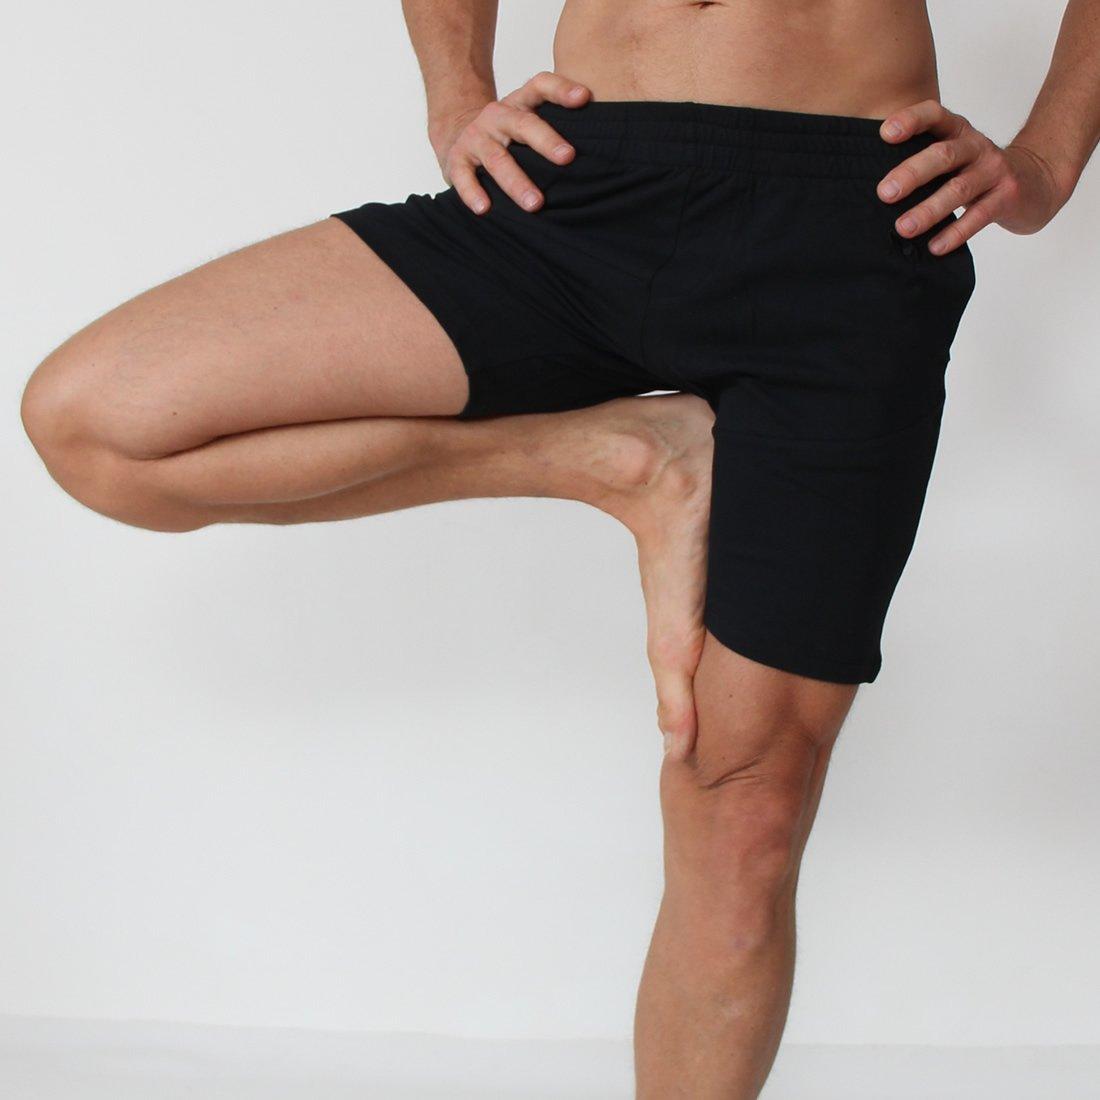 Prancing Leopard Herren Yoga Shorts Okapi Biker Style Shorts aus Bio Baumwolle